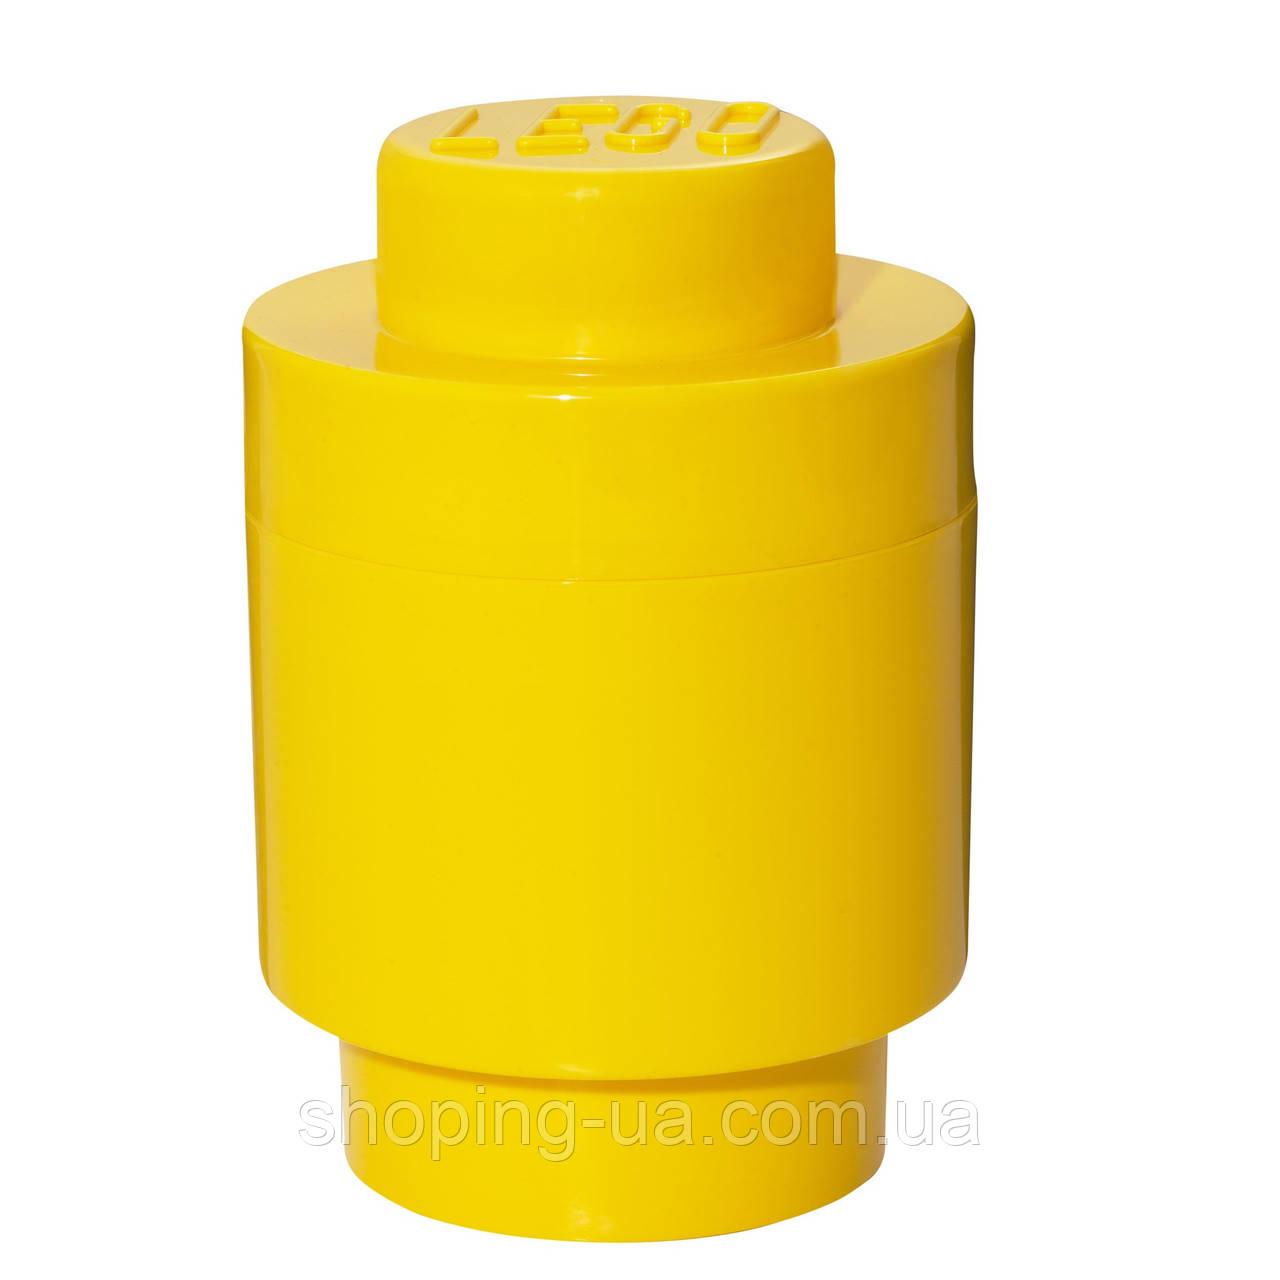 Одноточечный круглый желтый контейнер для хранения Lego 40301732